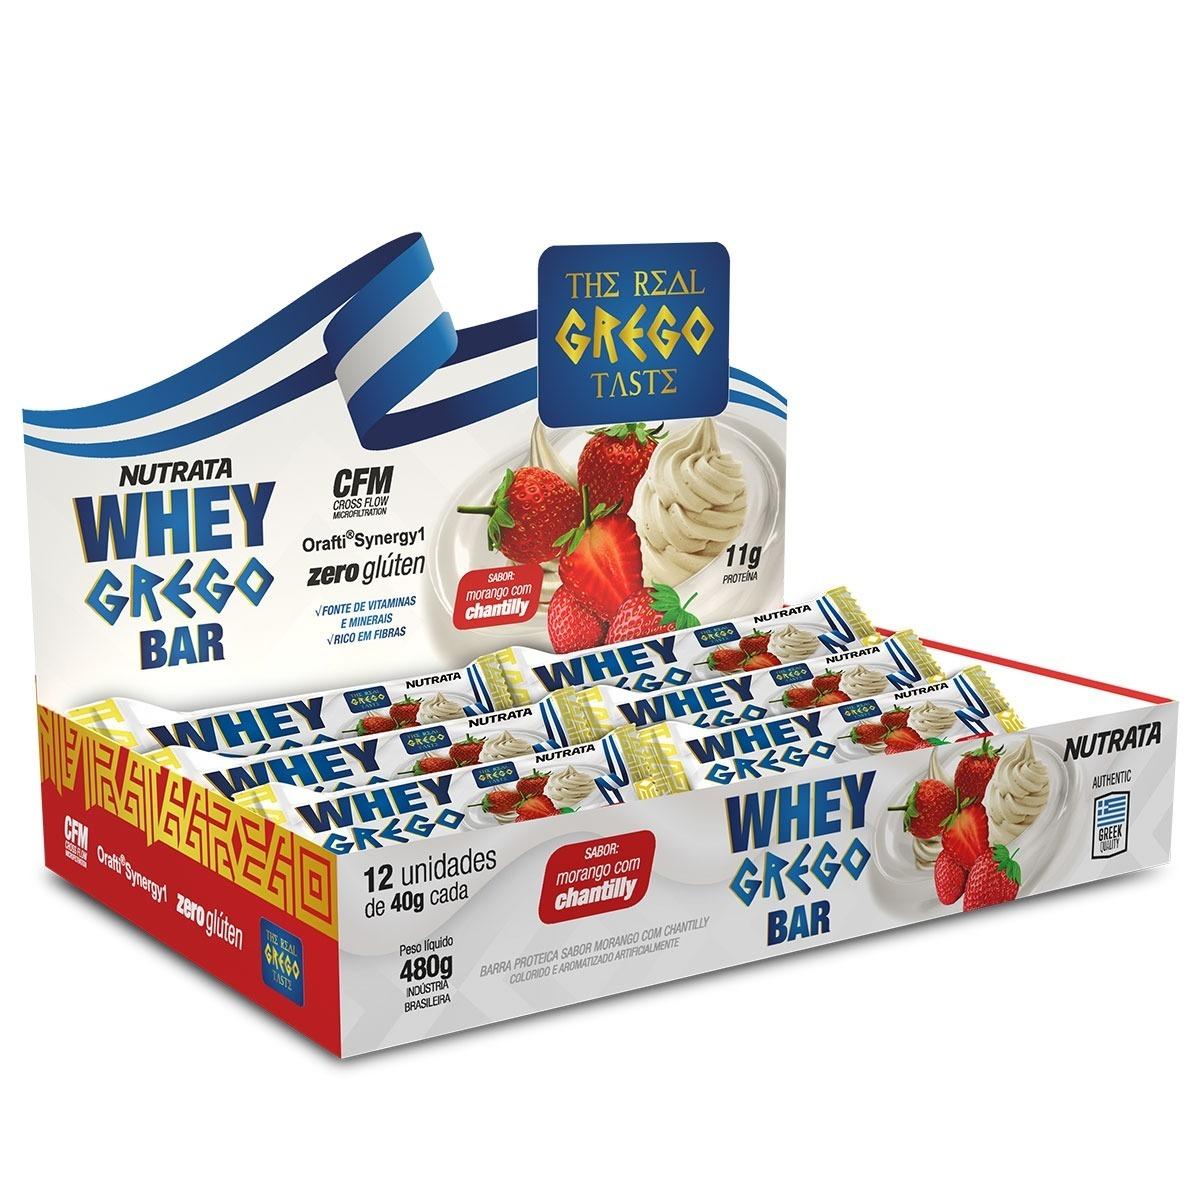 2c913edc8 Whey Grego Bar (caixa 12 Unidades) - Nutrata Barra Proteina - R  45 ...